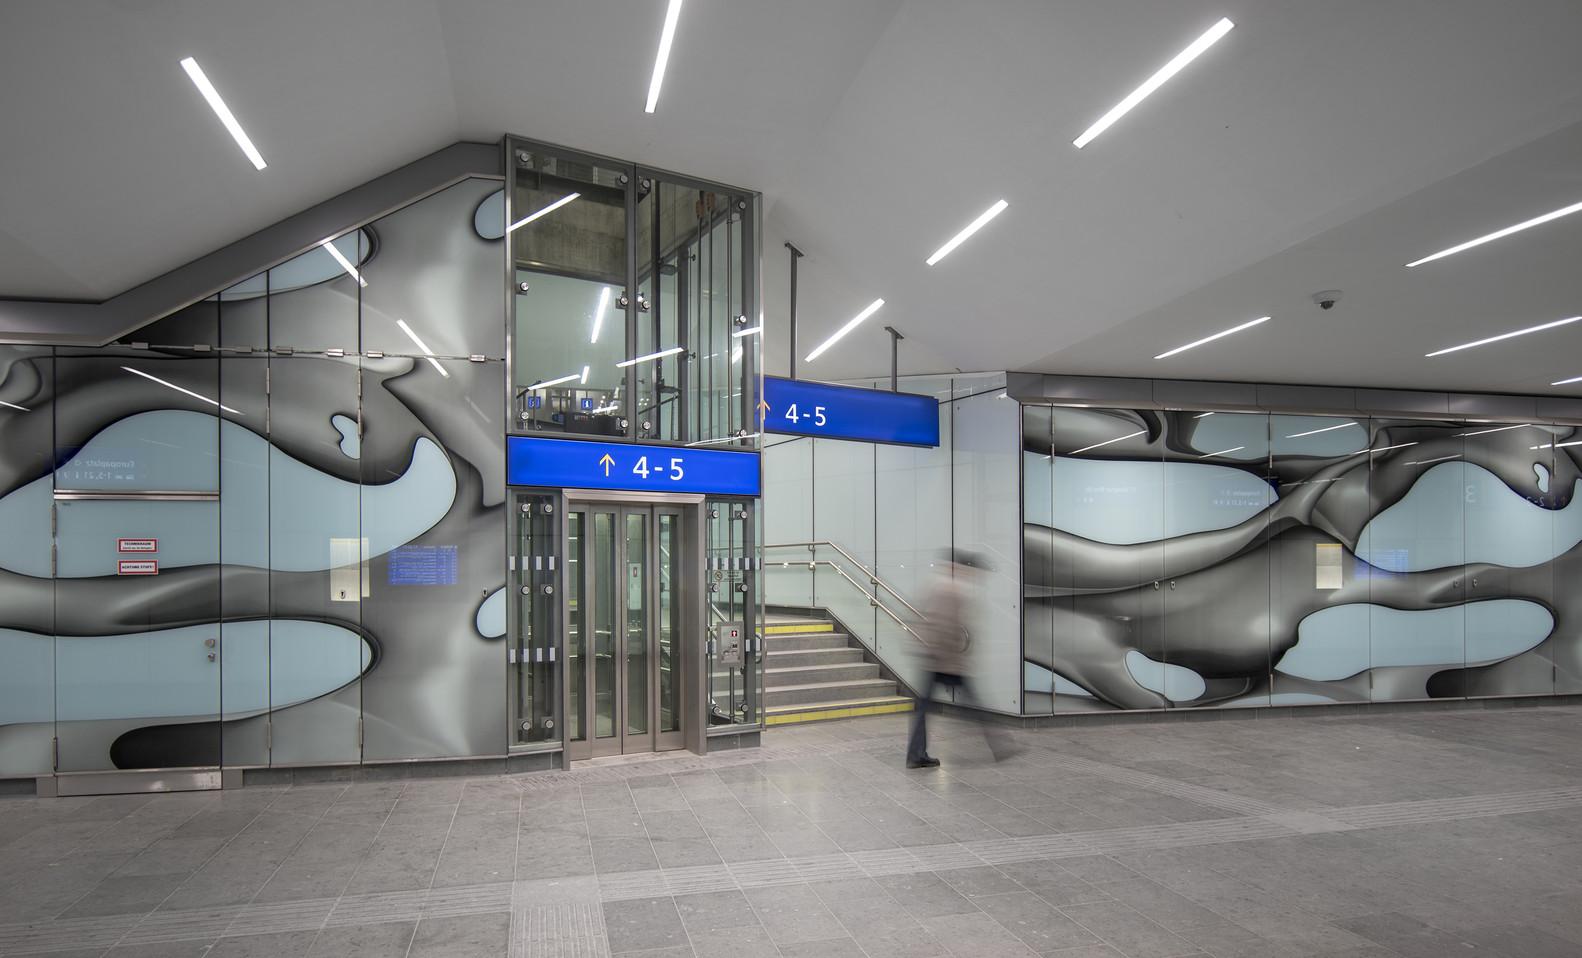 Оригинальный интерьер железнодорожного вокзала вокзала - Фото 14